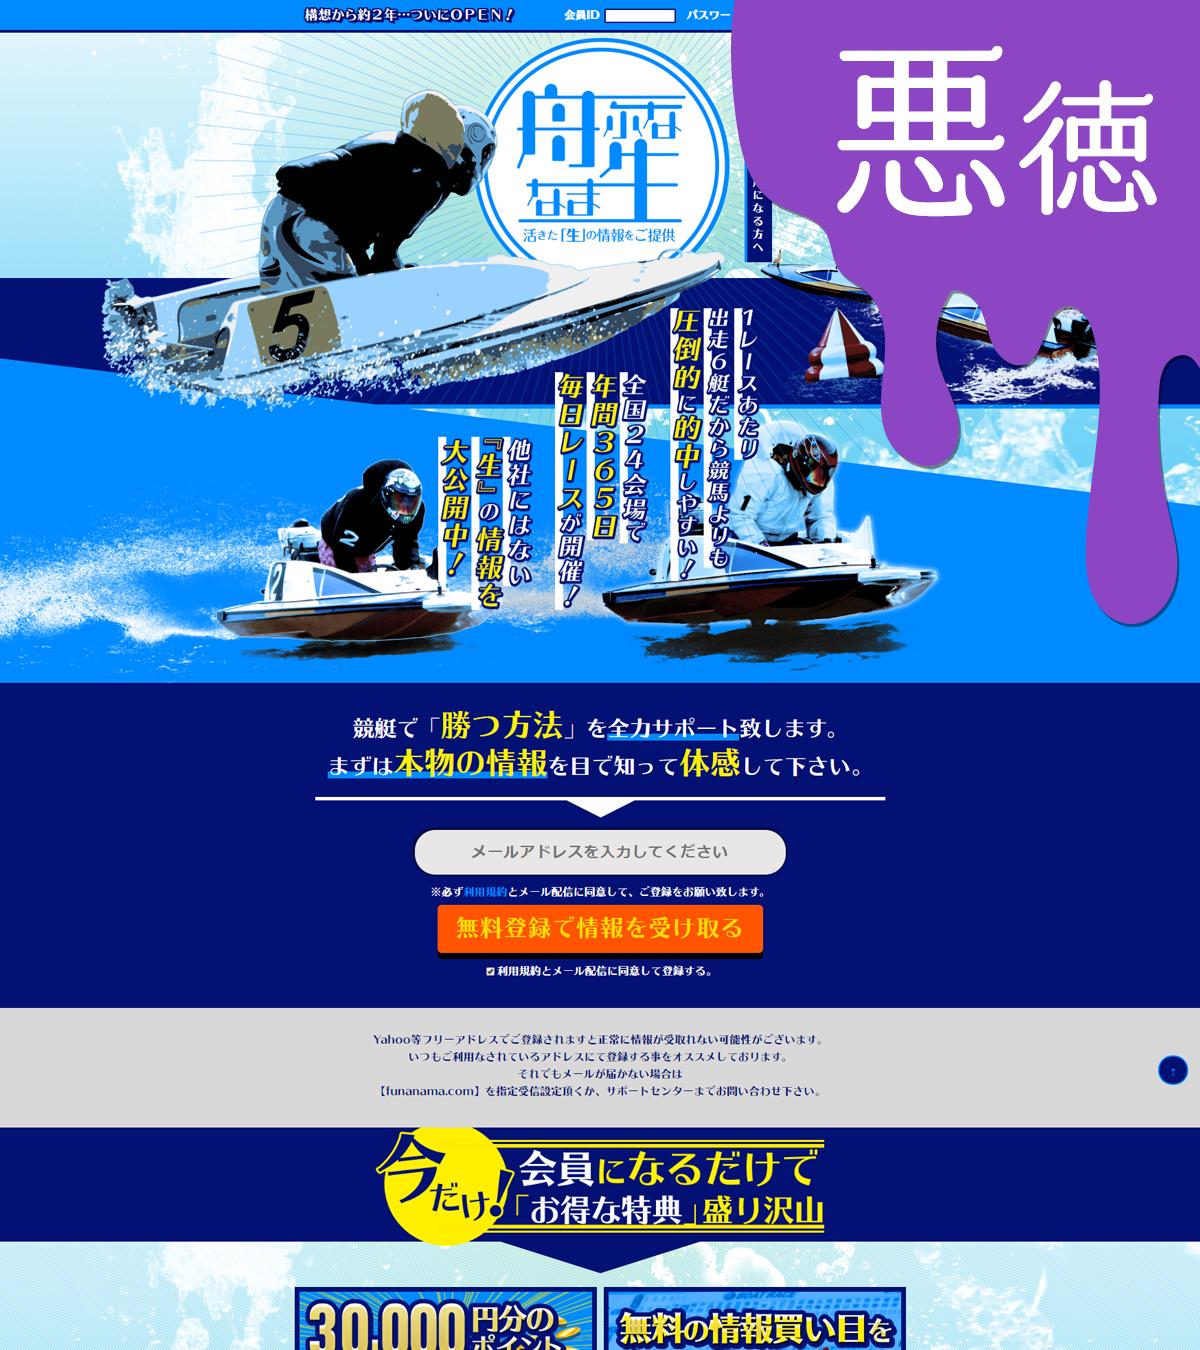 悪徳競艇予想サイト舟生(ふななま)